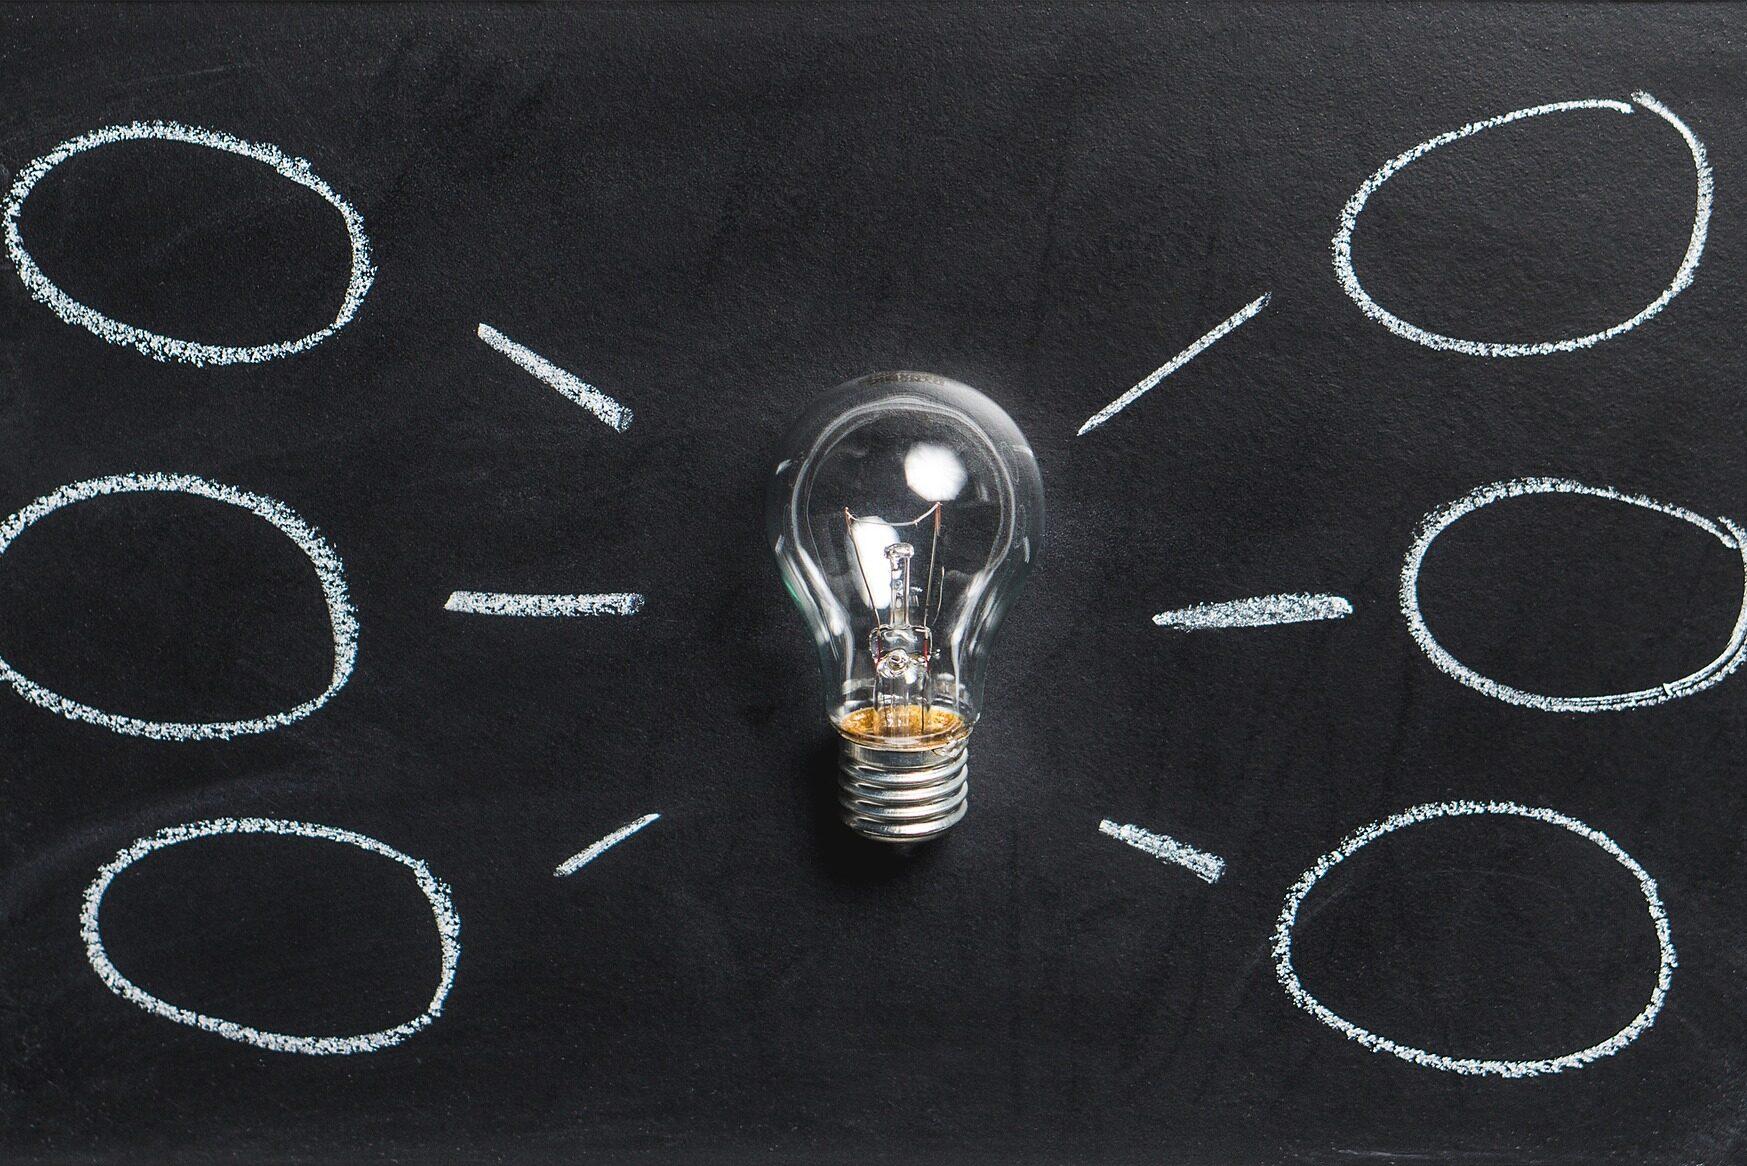 Ideas for big goals